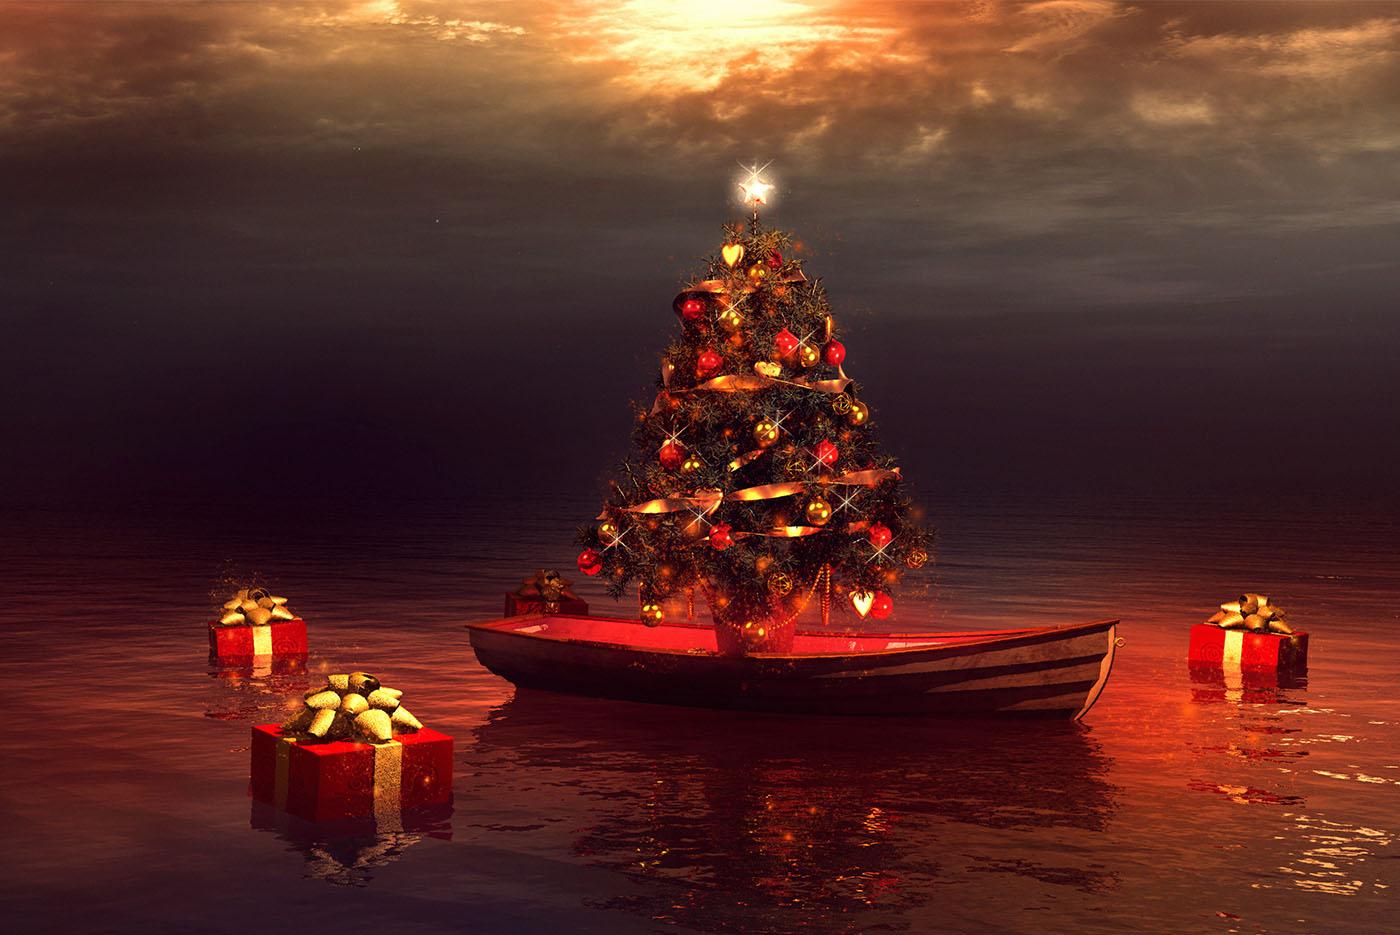 Weihnachten An Der Ostsee_Weihnachten_Ostseeurlaub Weihnachten